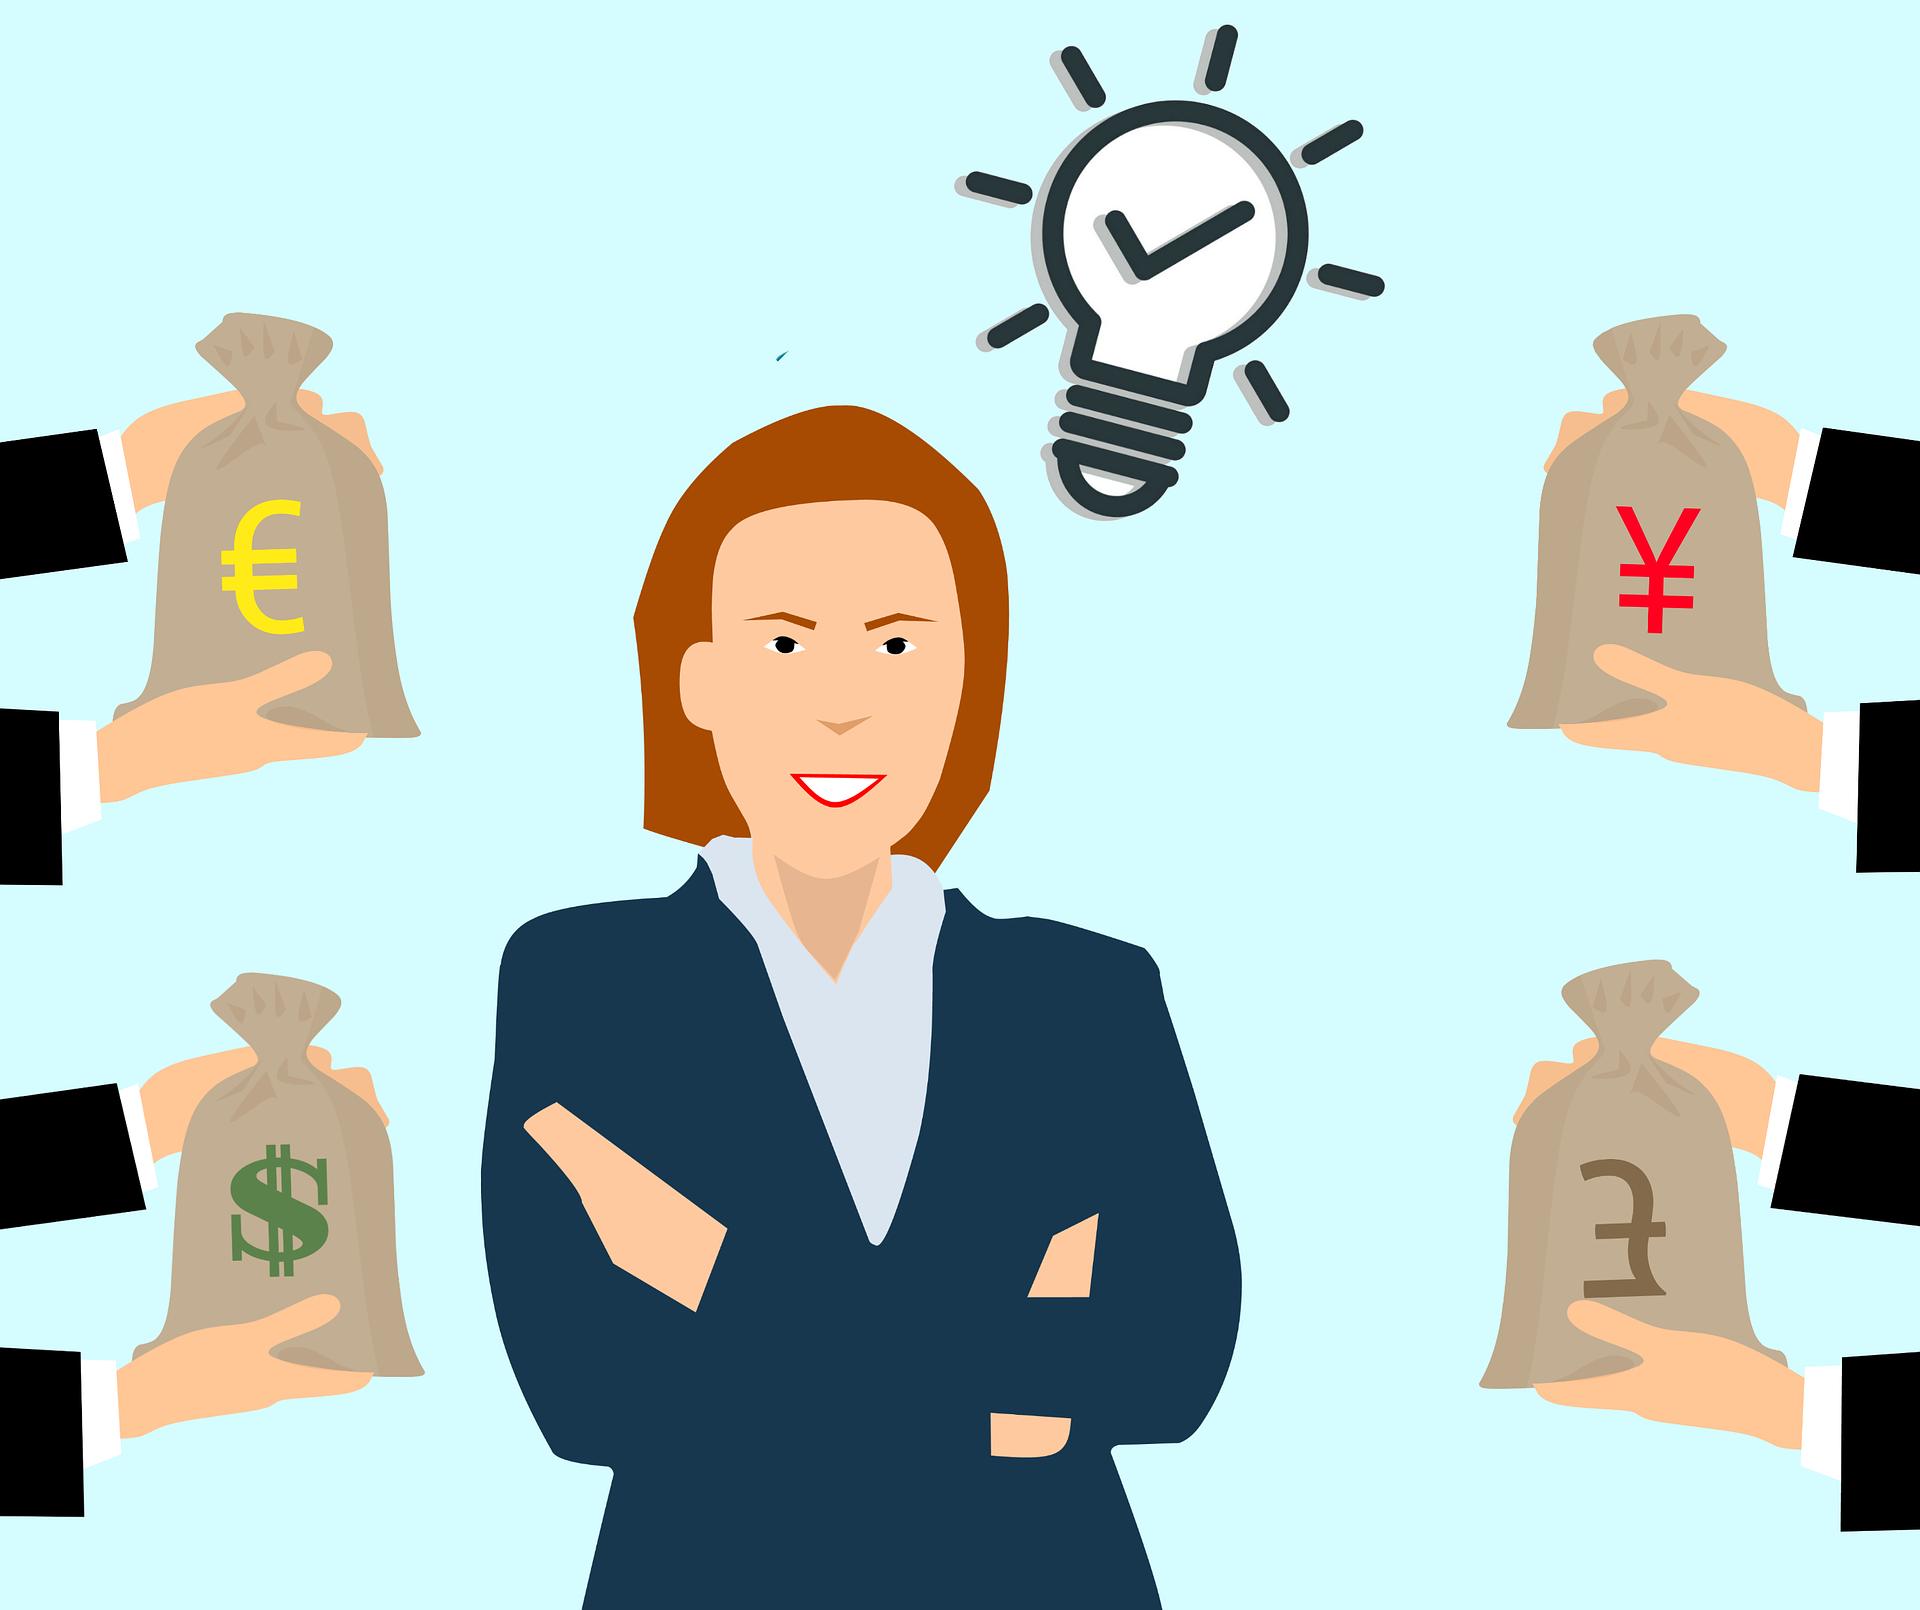 Przedsiębiorcy przeciwko wymogowi ujawniania płac w ofertach pracy